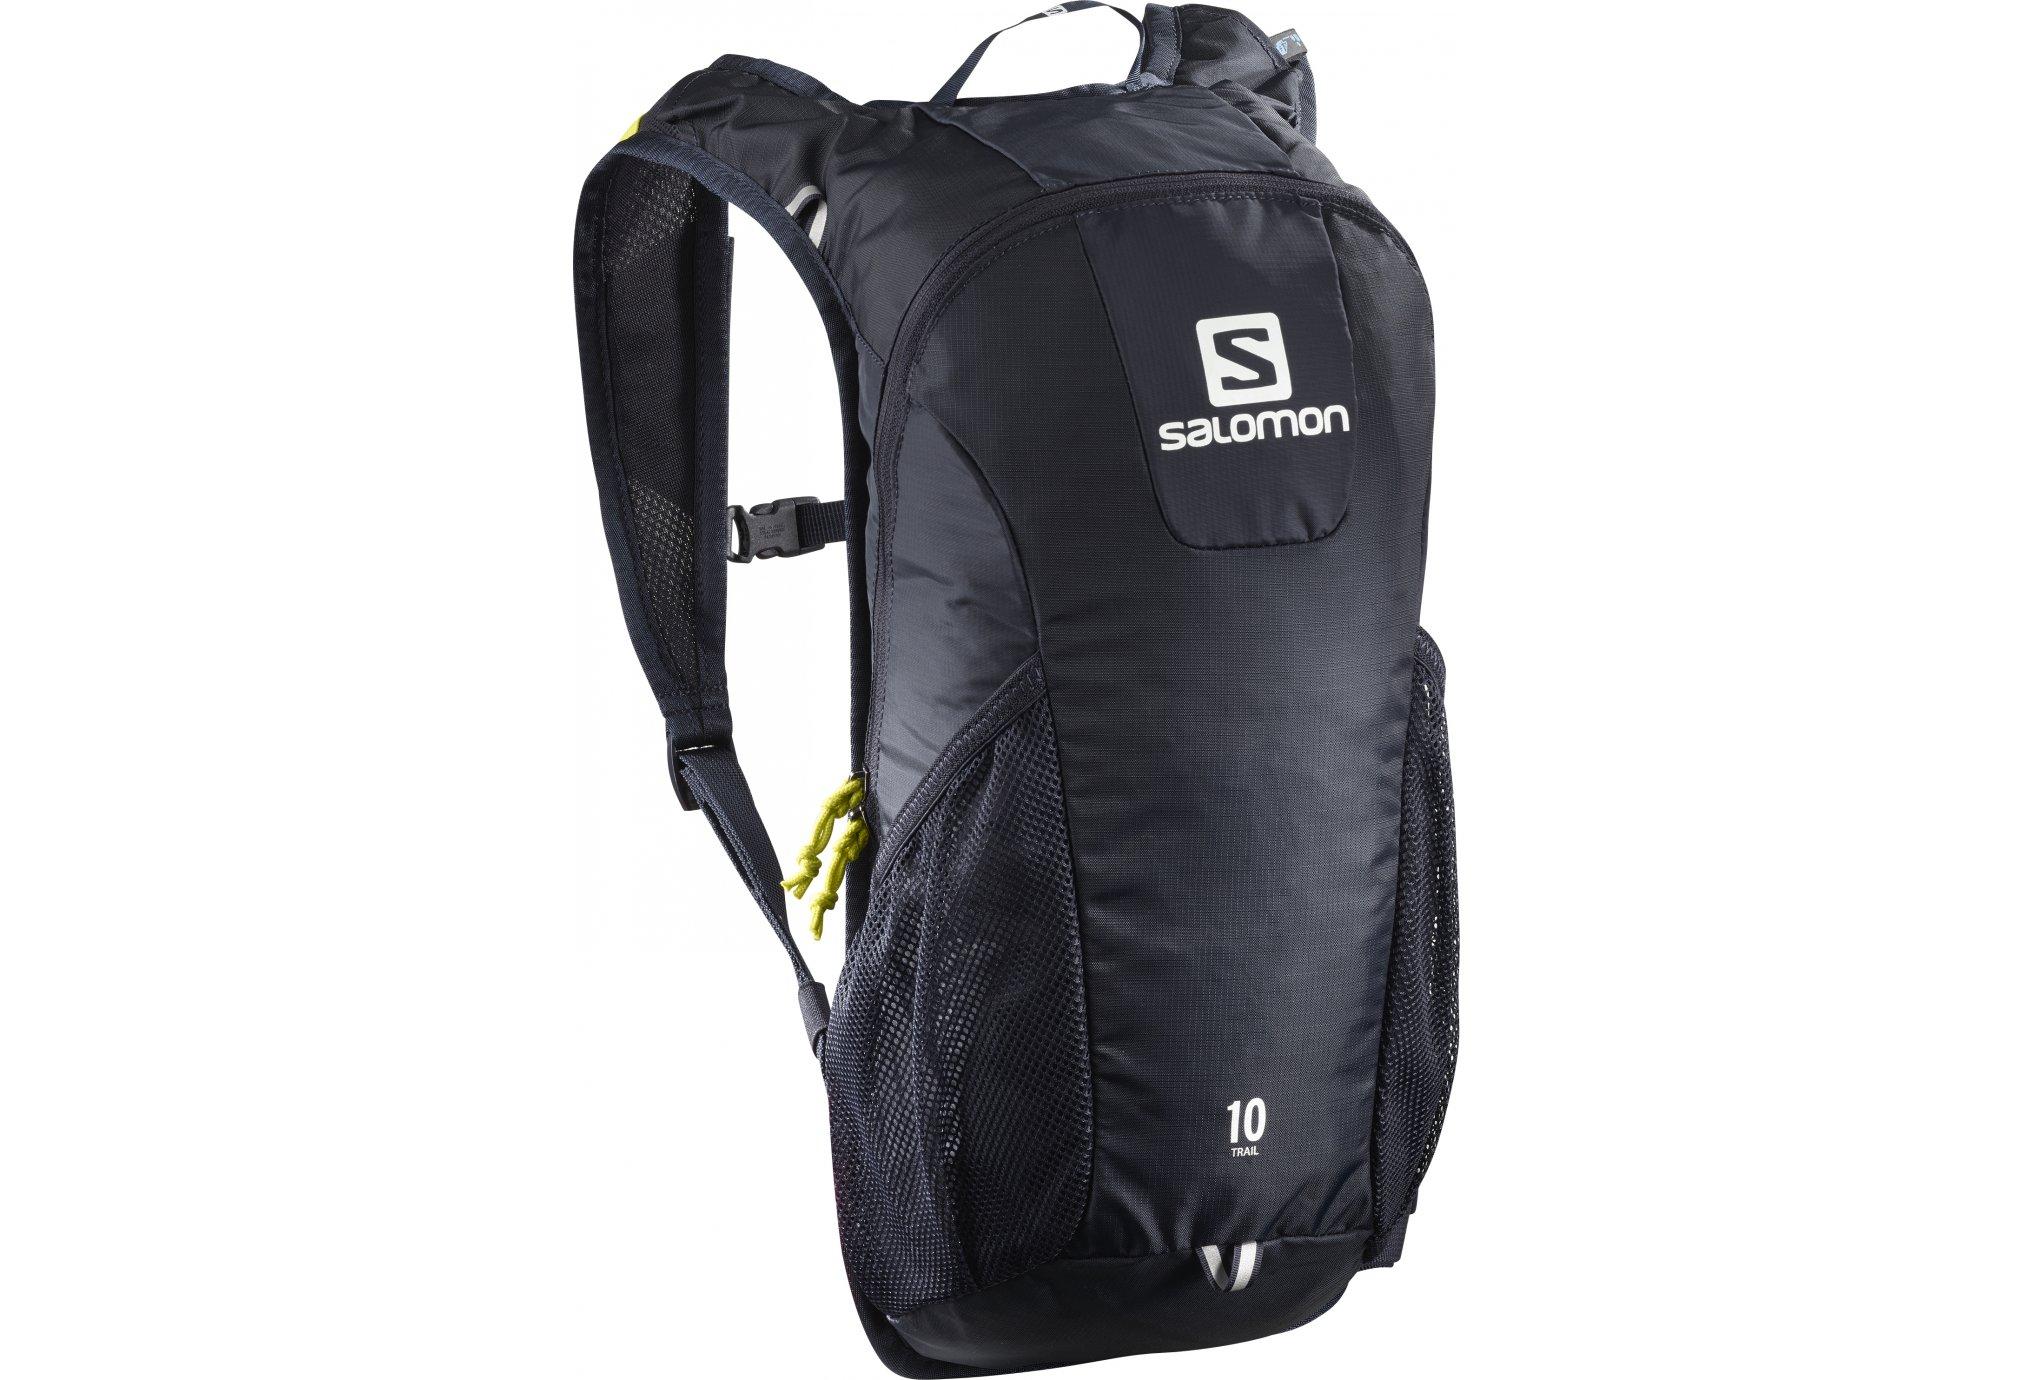 Salomon Trail 10 Sac hydratation / Gourde